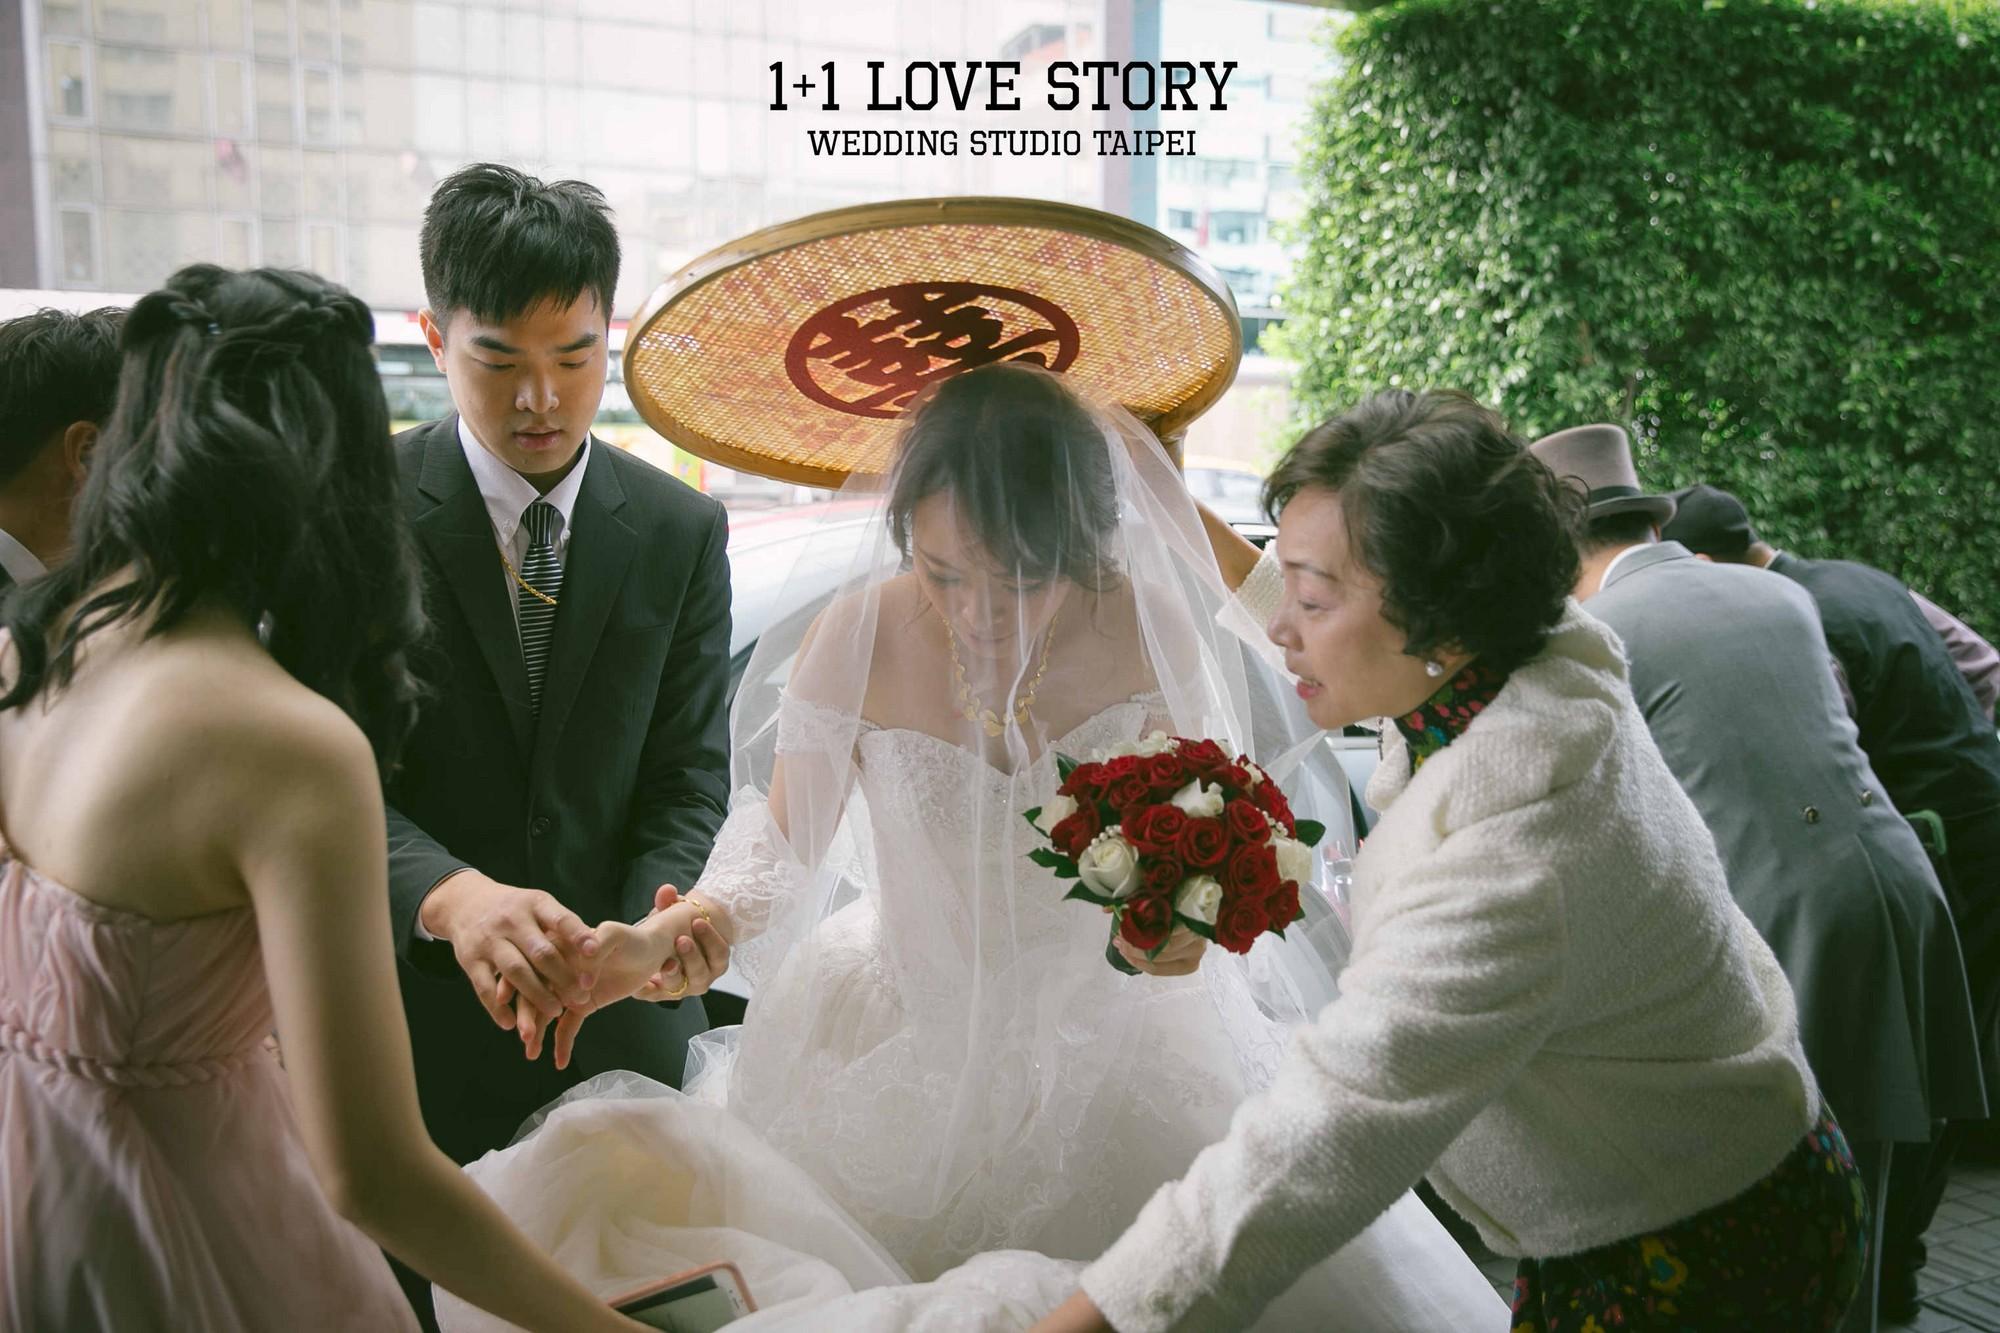 結婚儀式,結婚習俗,媒人婆